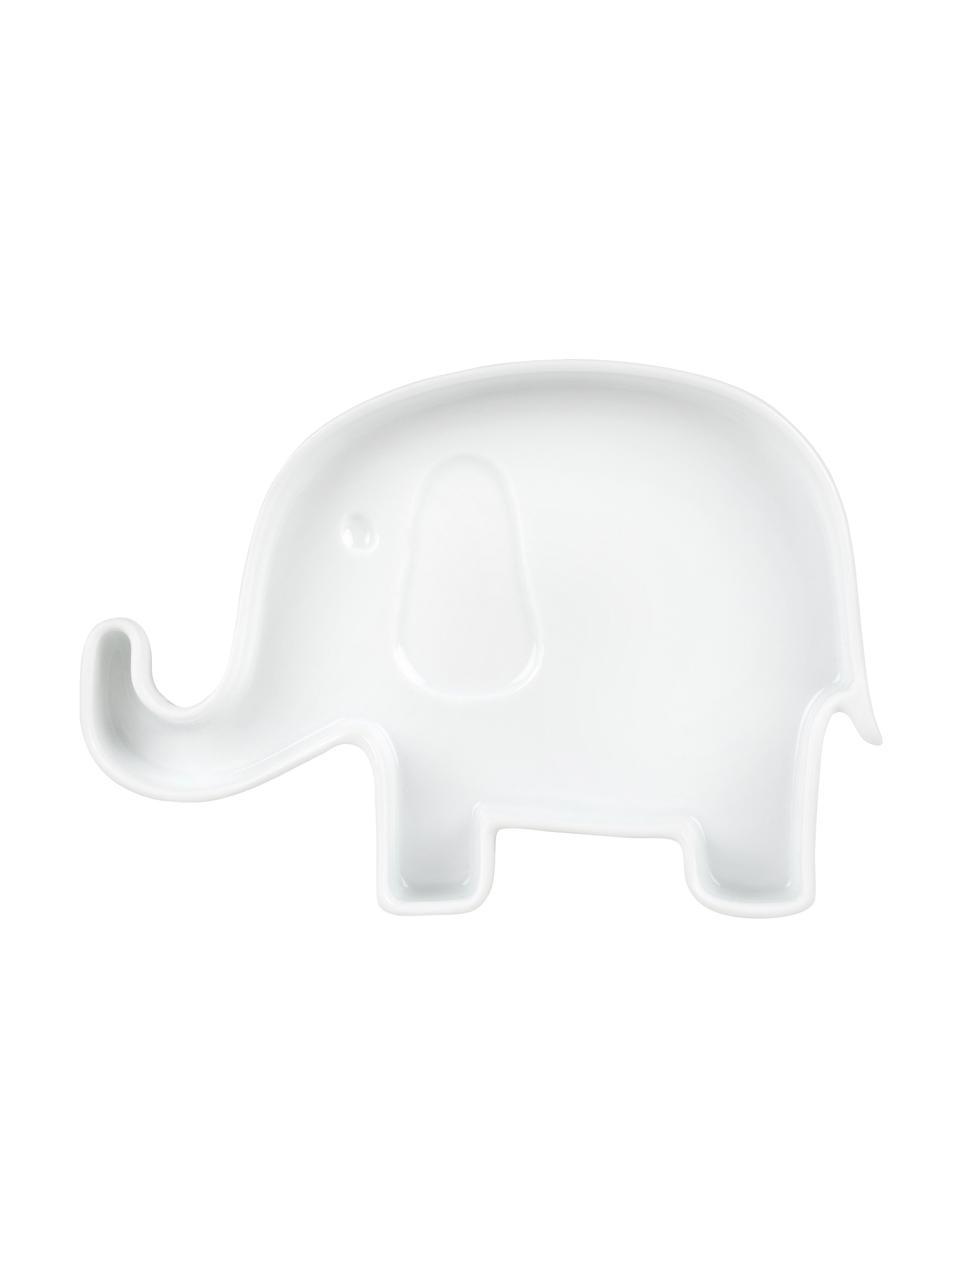 Talerz duży dla dzieci z porcelany Elefant, Porcelana, Biały, S 18 x W 2 cm